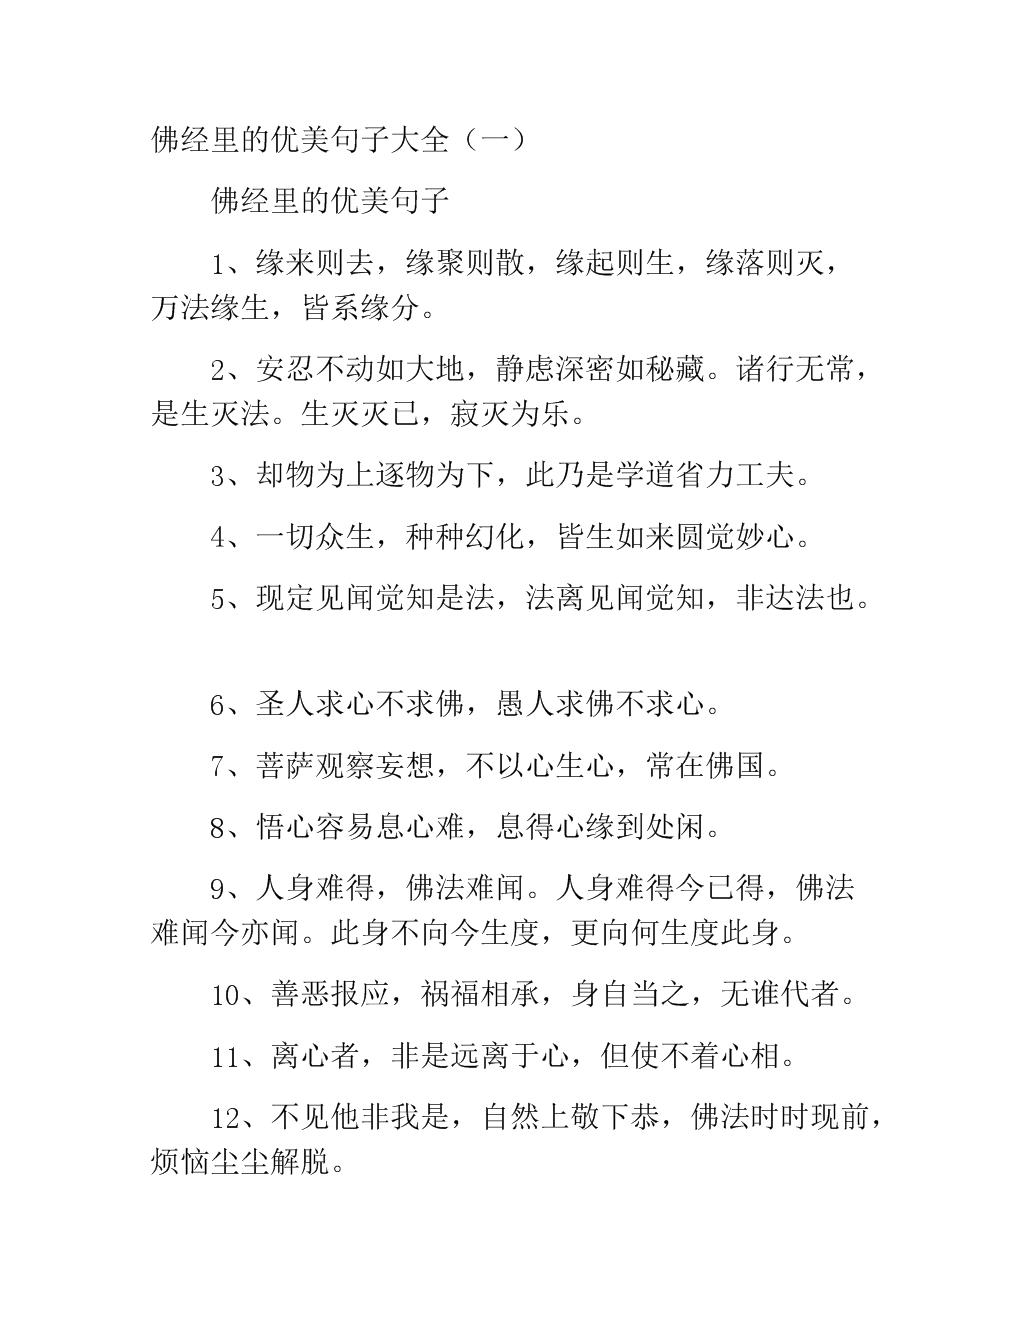 佛经里的优美句子大全(二).docx图片